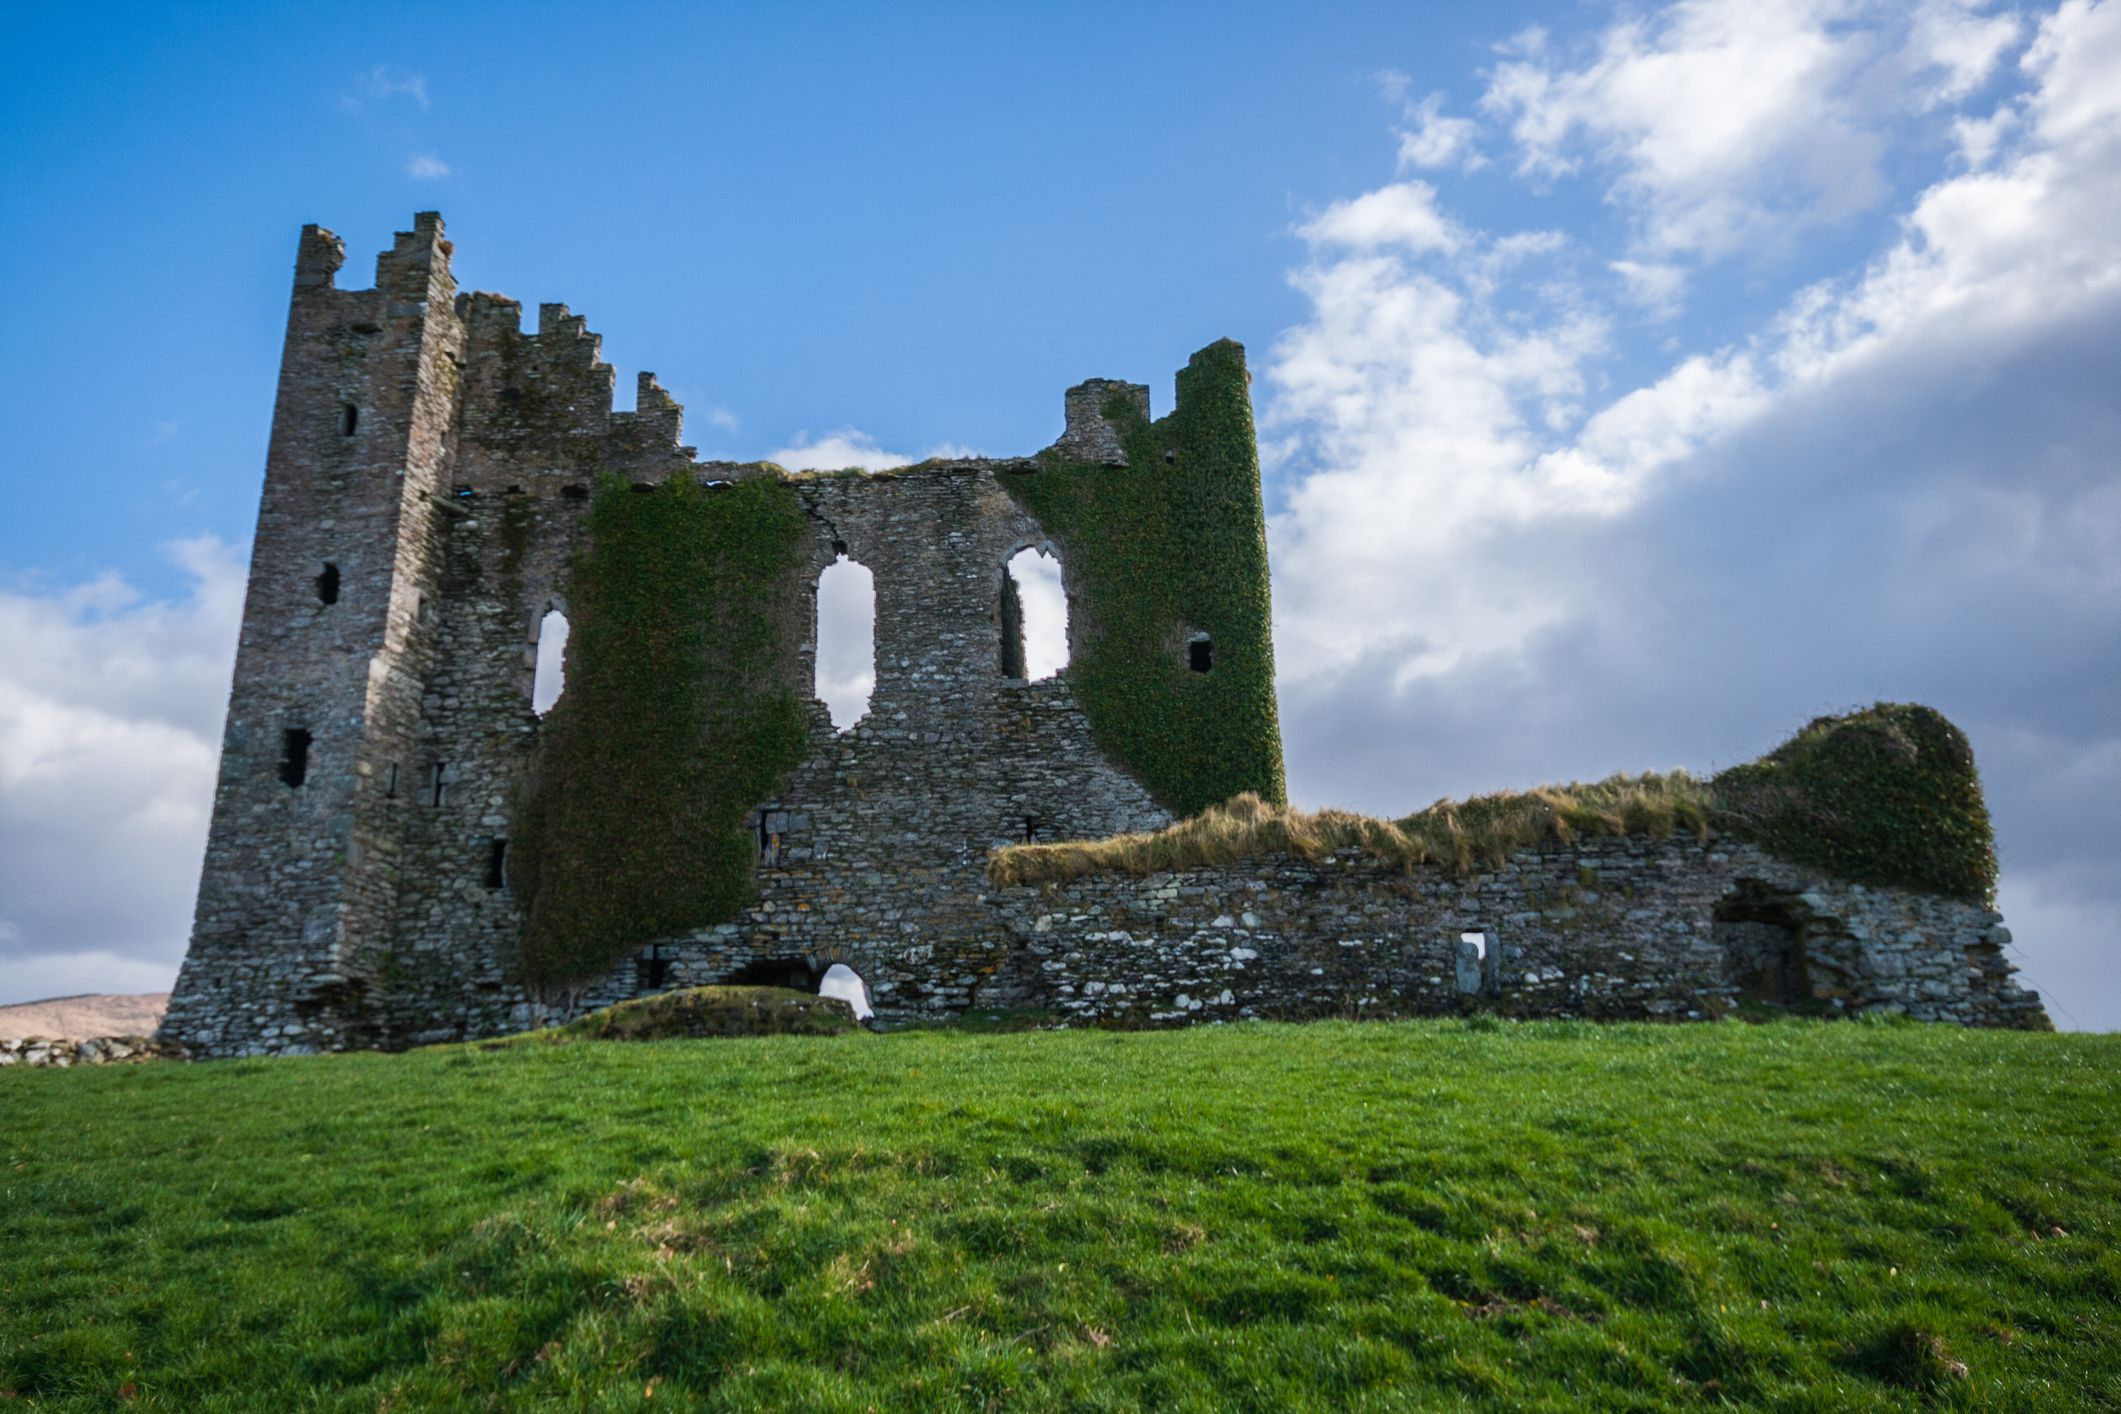 Ballycarbery castle in Kerry, Ireland